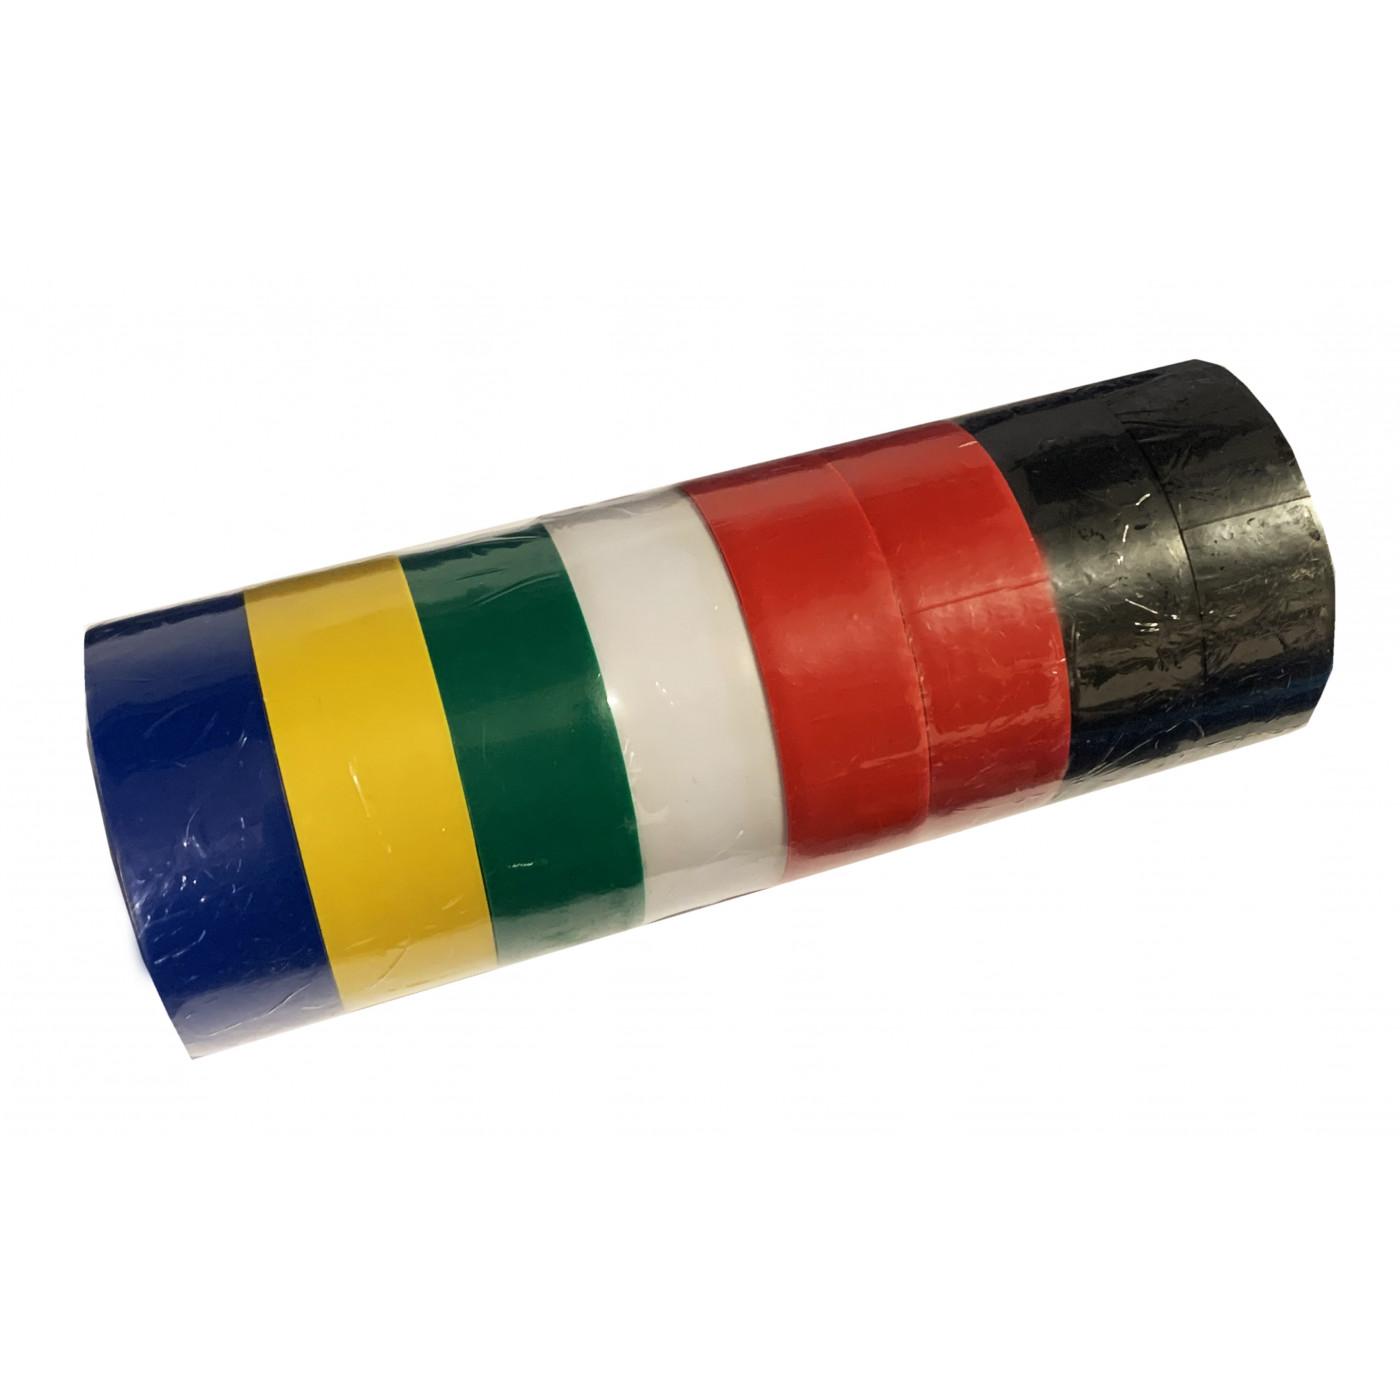 Set van 8 rollen isolatietape (1,8 cm breed, totaal 40 meter